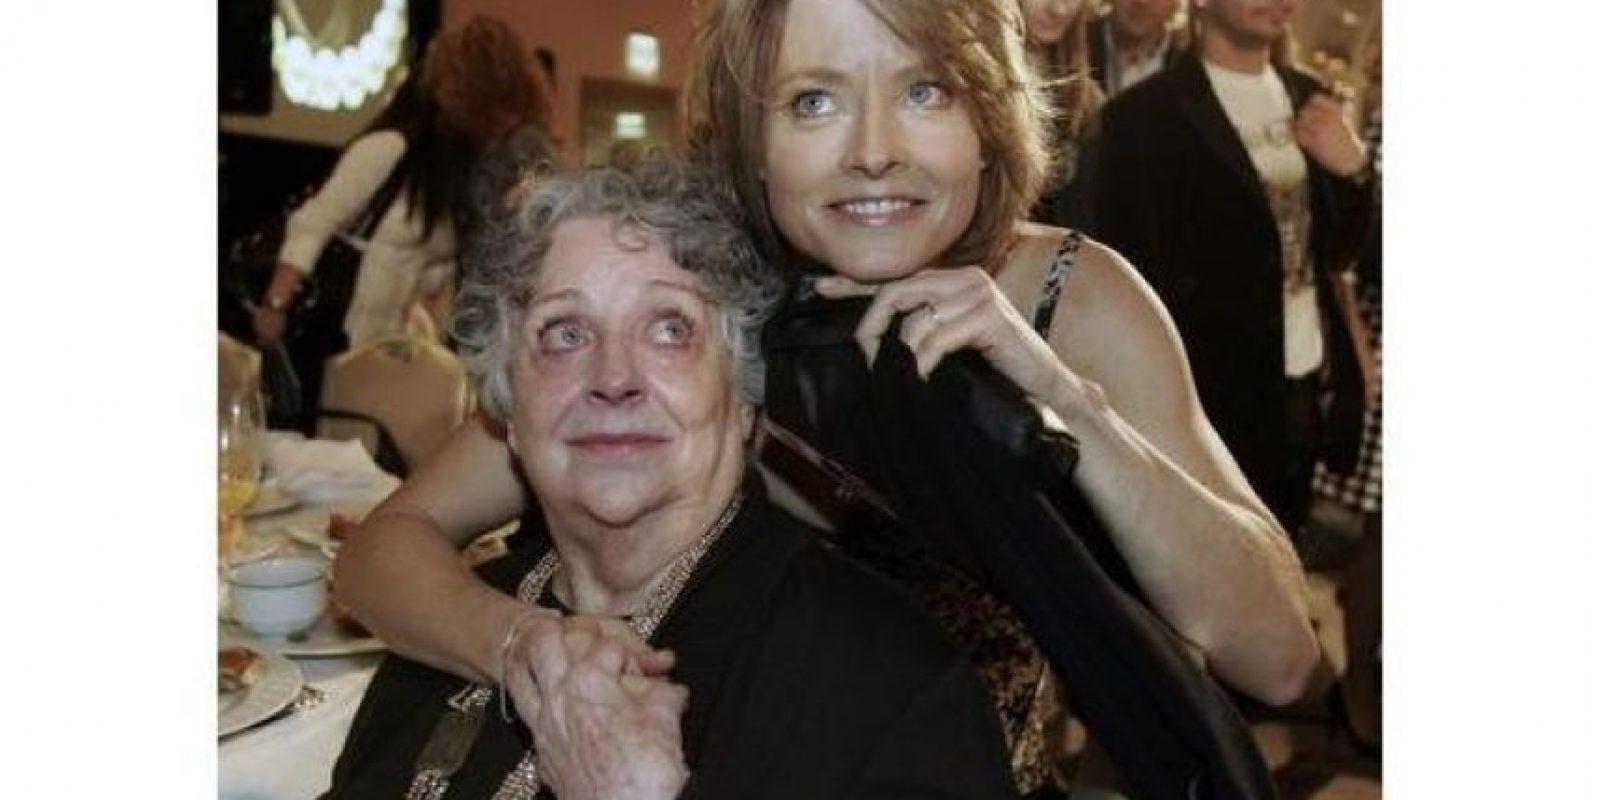 Evelyn, la mamá de Jodie Foster era gay y crió a la actriz con la ayuda de su novia. Foster también salió del clóset públicamente durante la ceremonia de los Globo de Oro de 2013. Foto:Efe